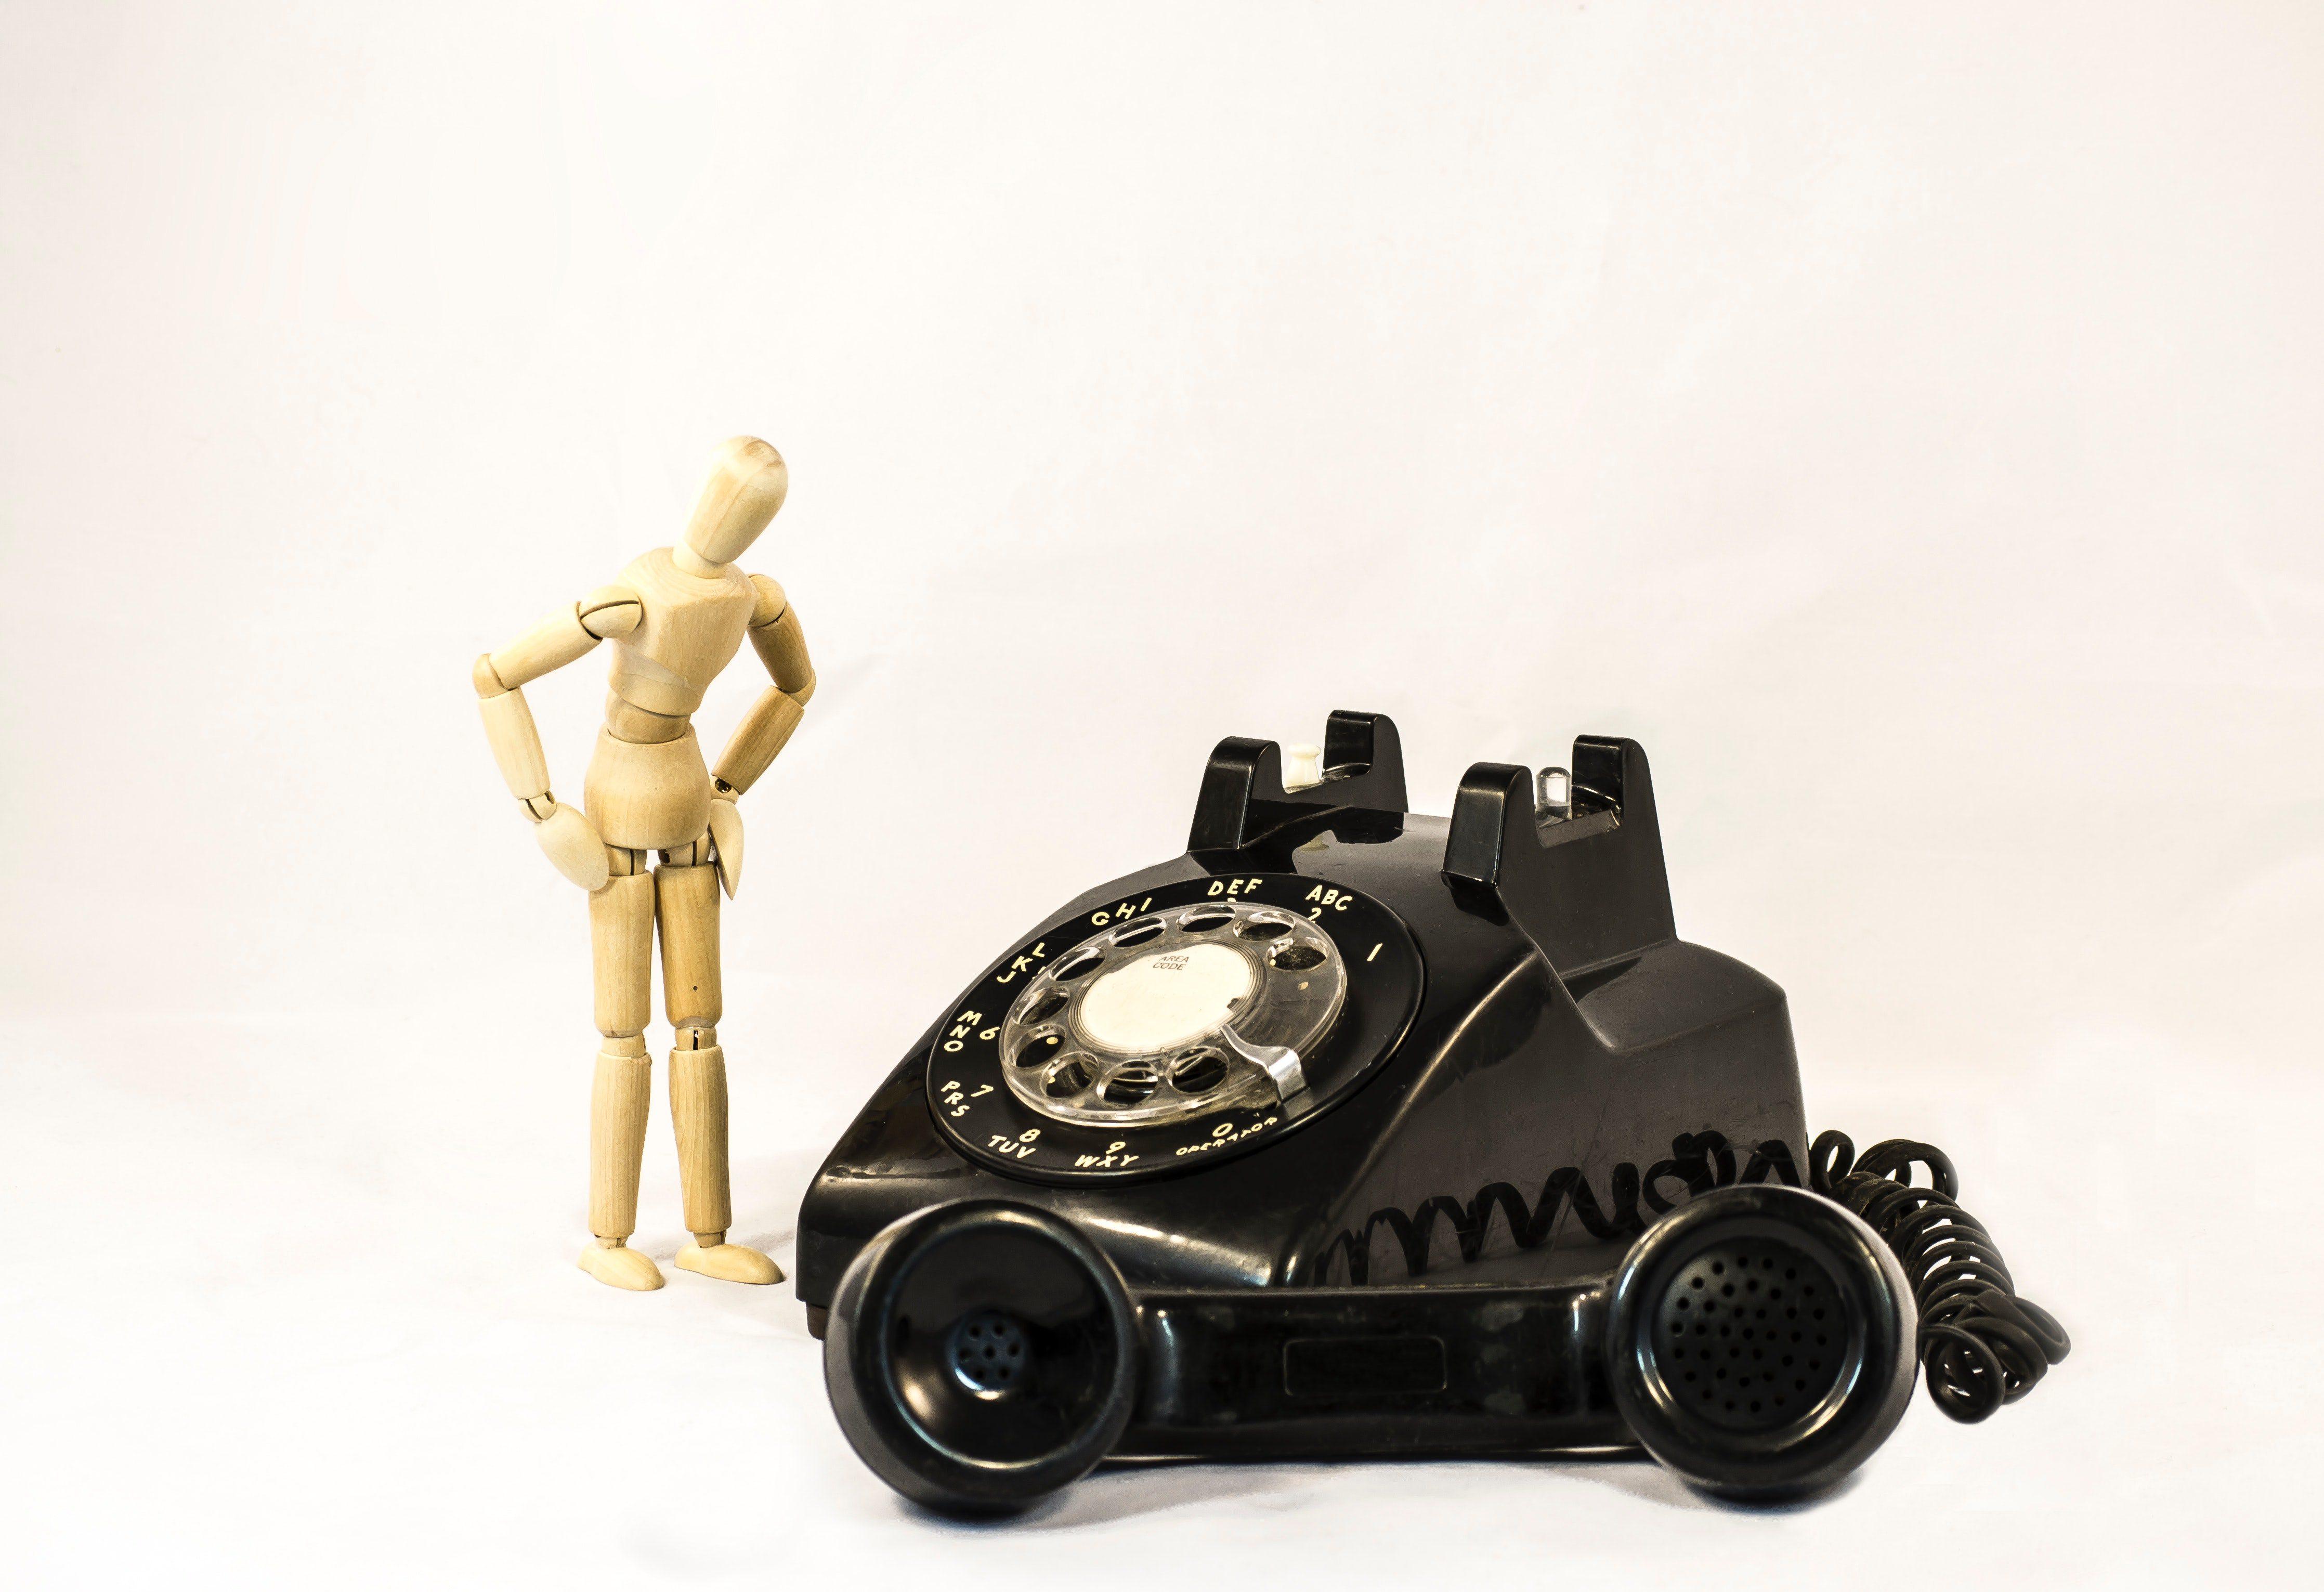 Smartphone tecnologia del pasado